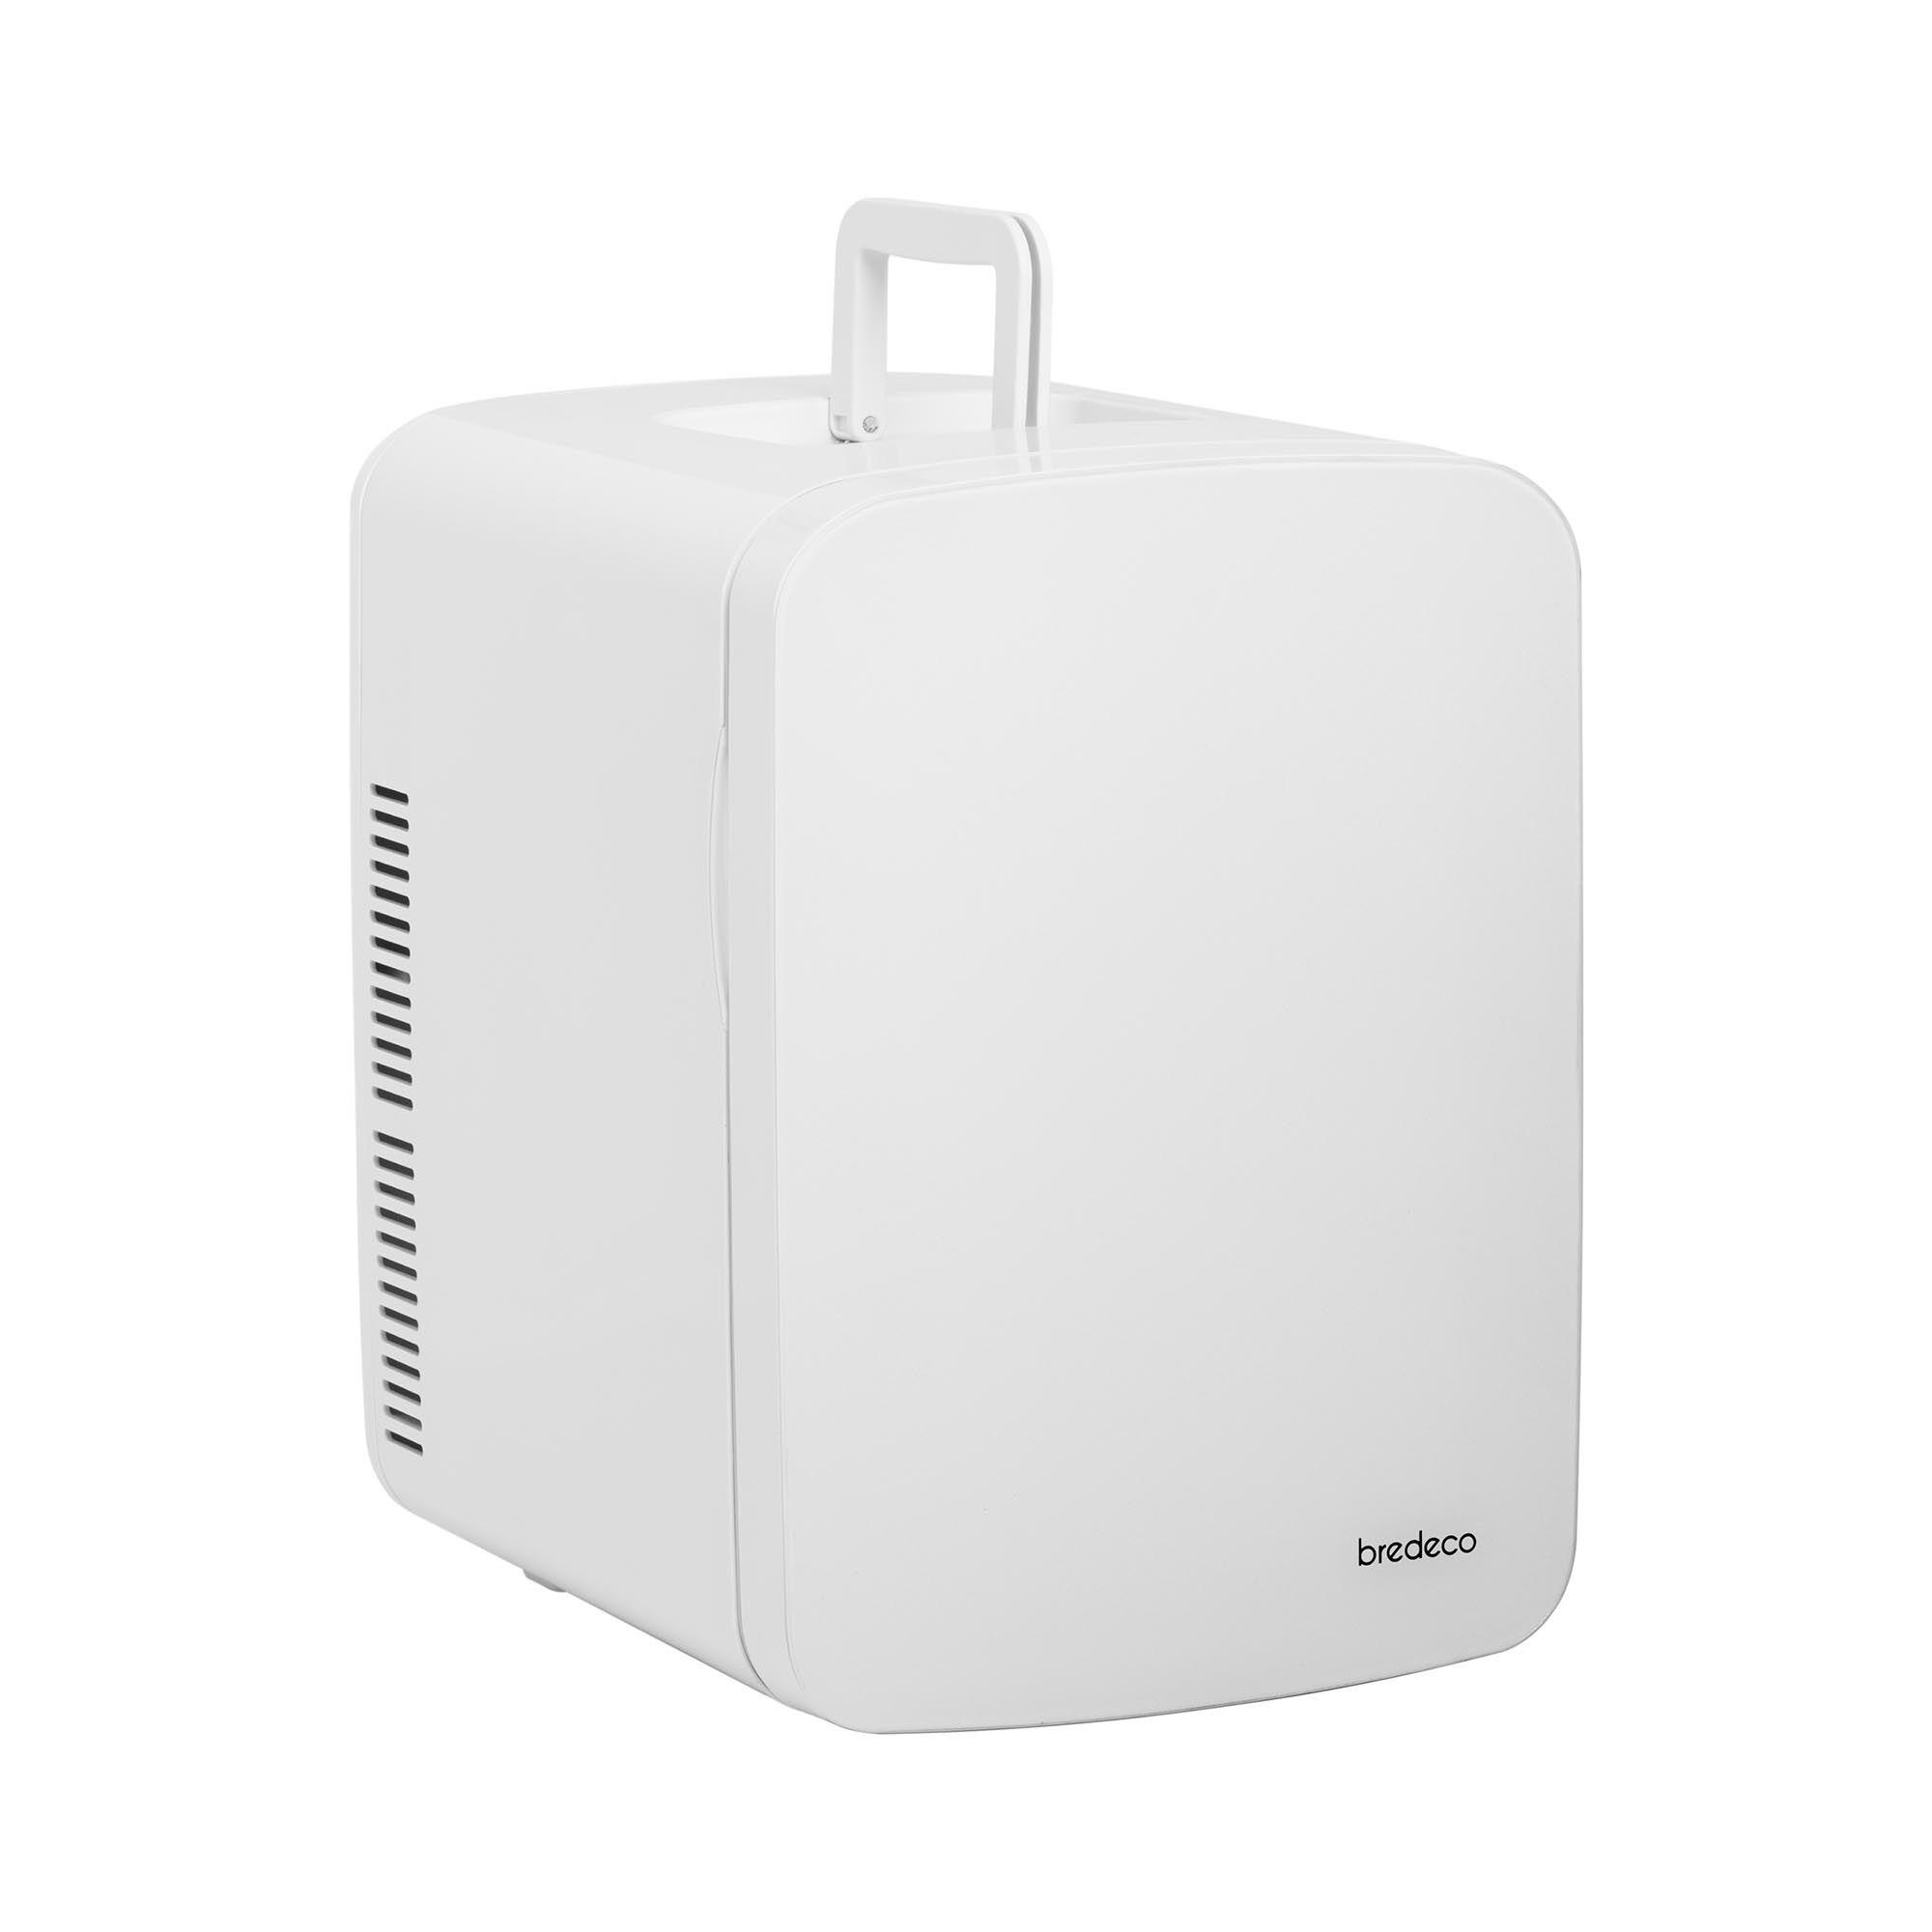 bredeco mini frigo portatile elettrico - 15 l - bianco/grigio